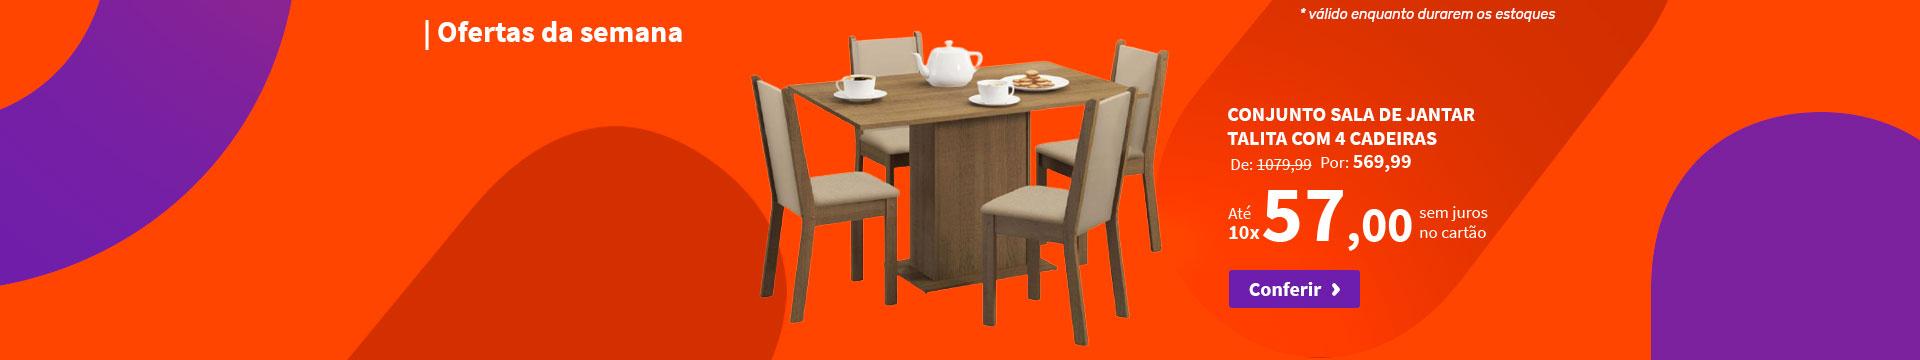 Conjunto Sala de Jantar Talita com 4 Cadeiras - Ofertas da semana